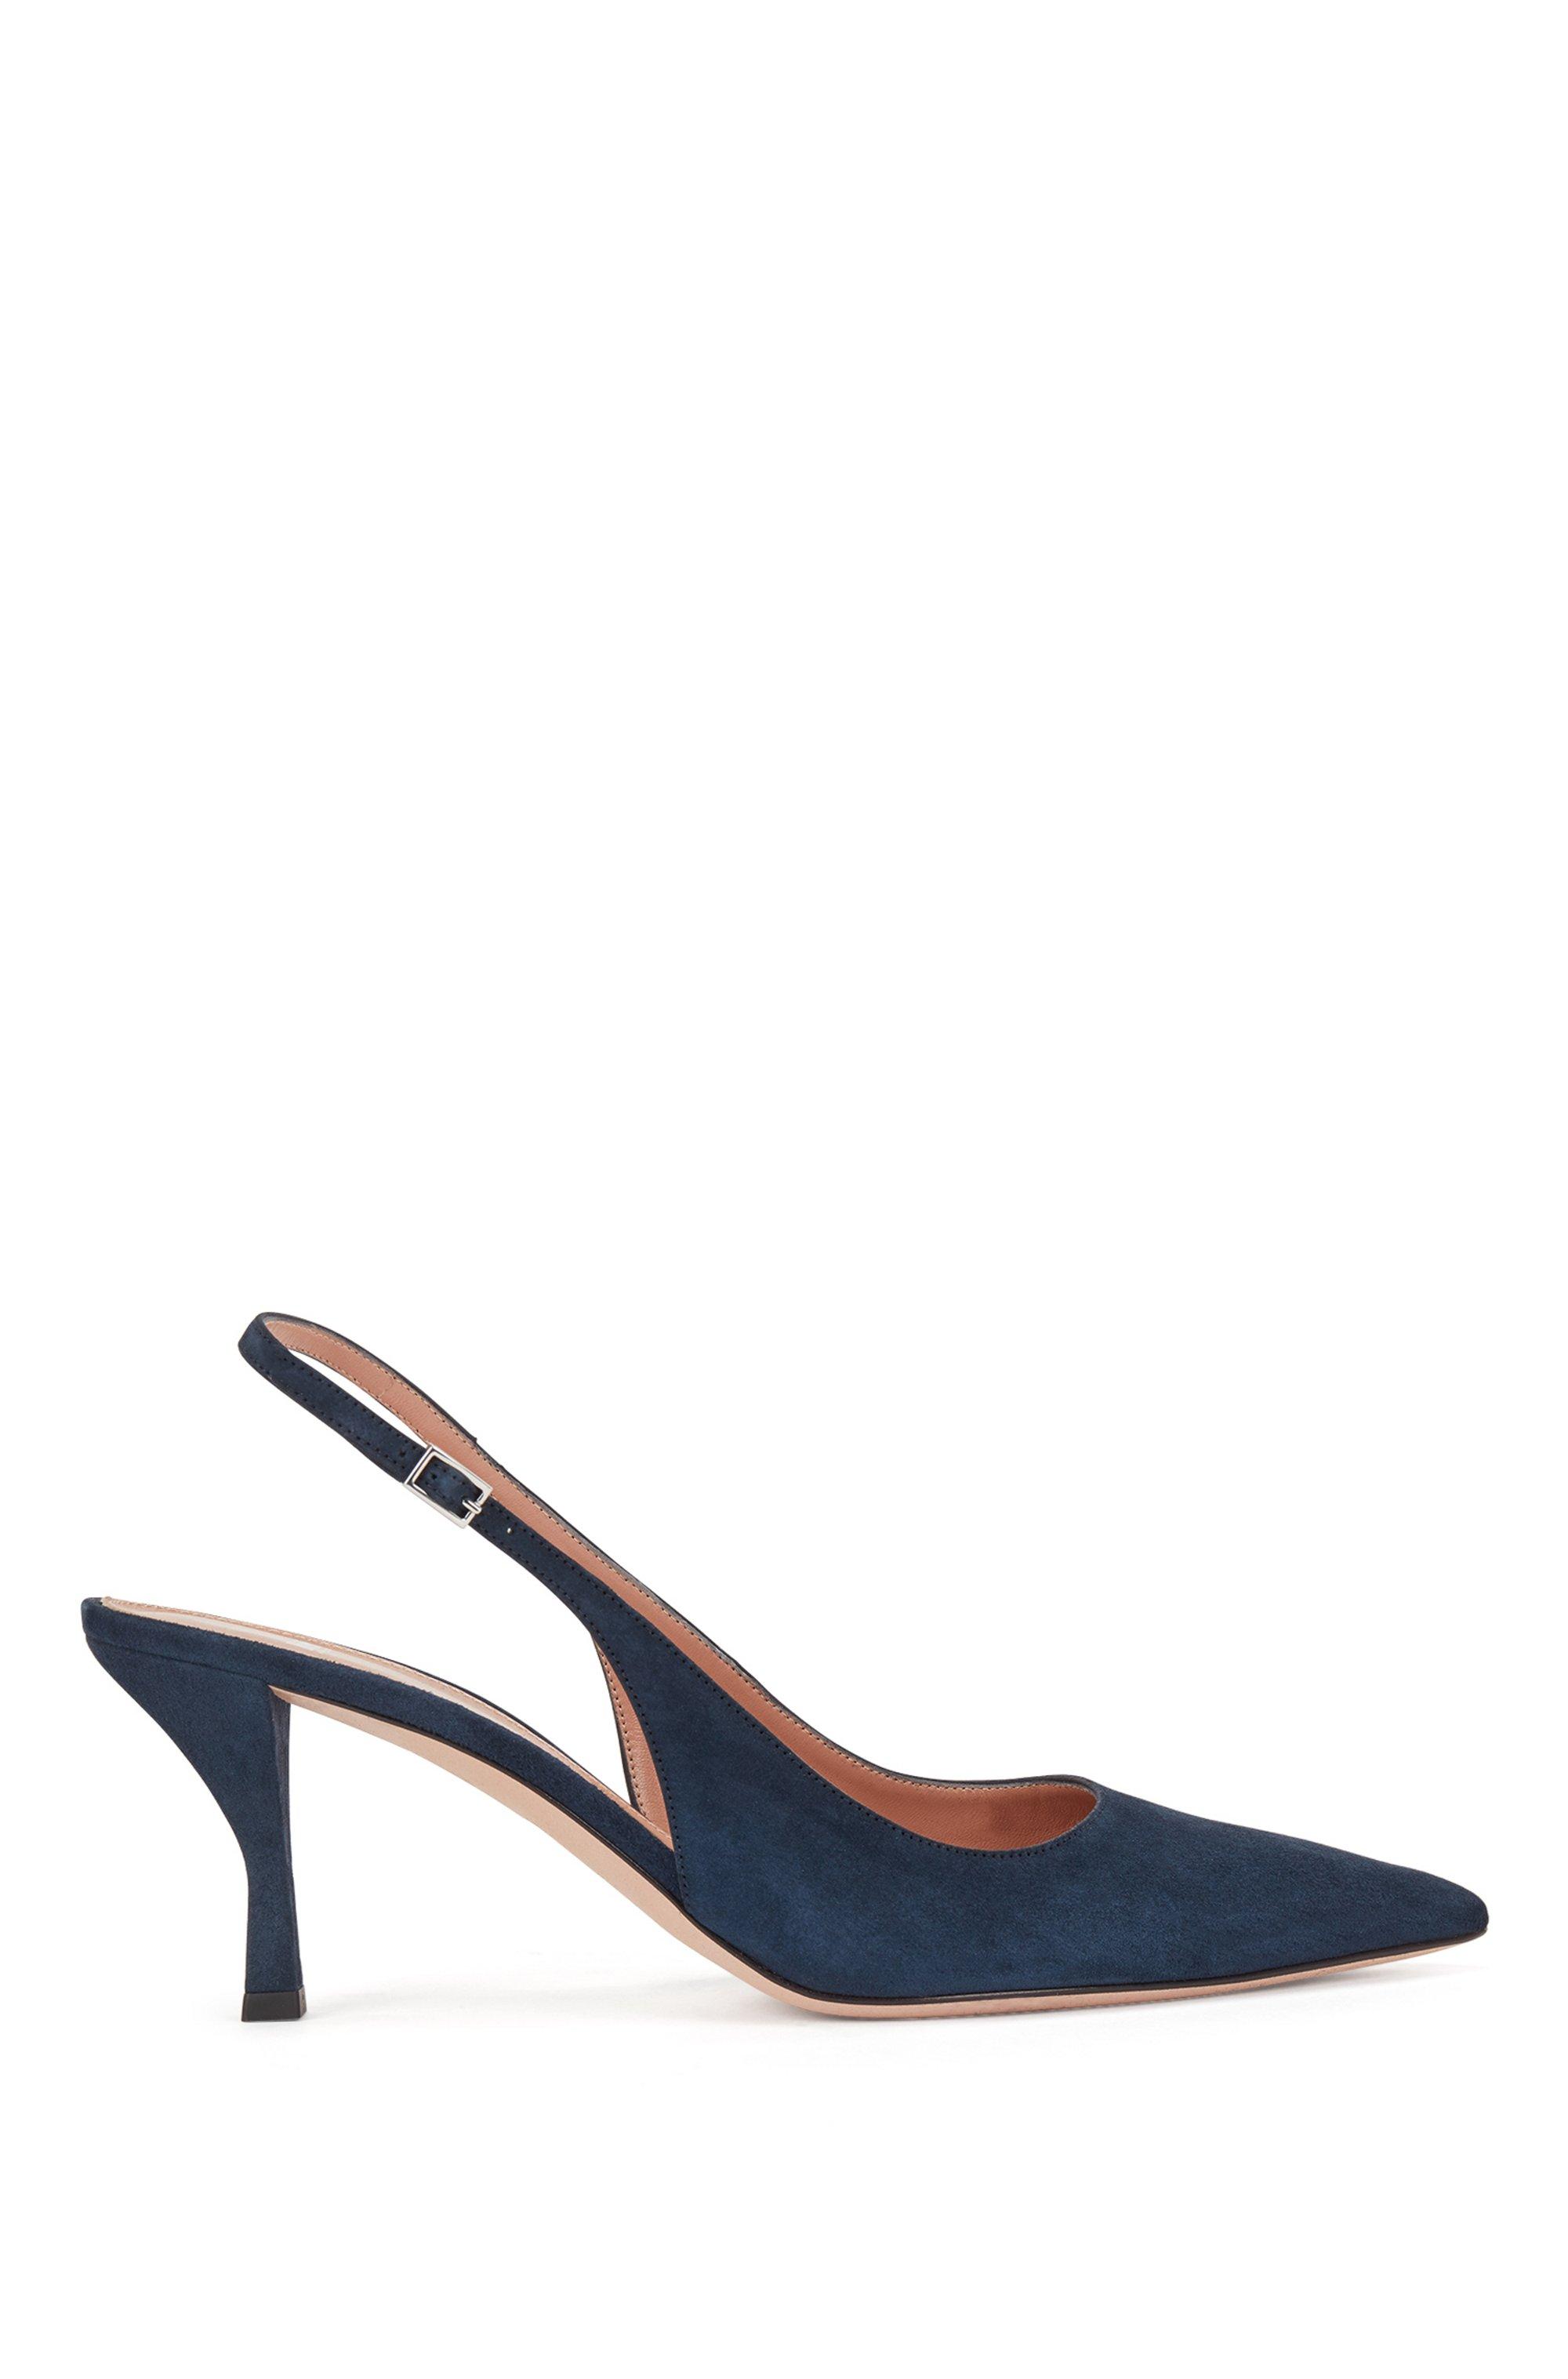 Chaussures à talon ouvert en cuir suédé italien, à bout pointu, Bleu foncé